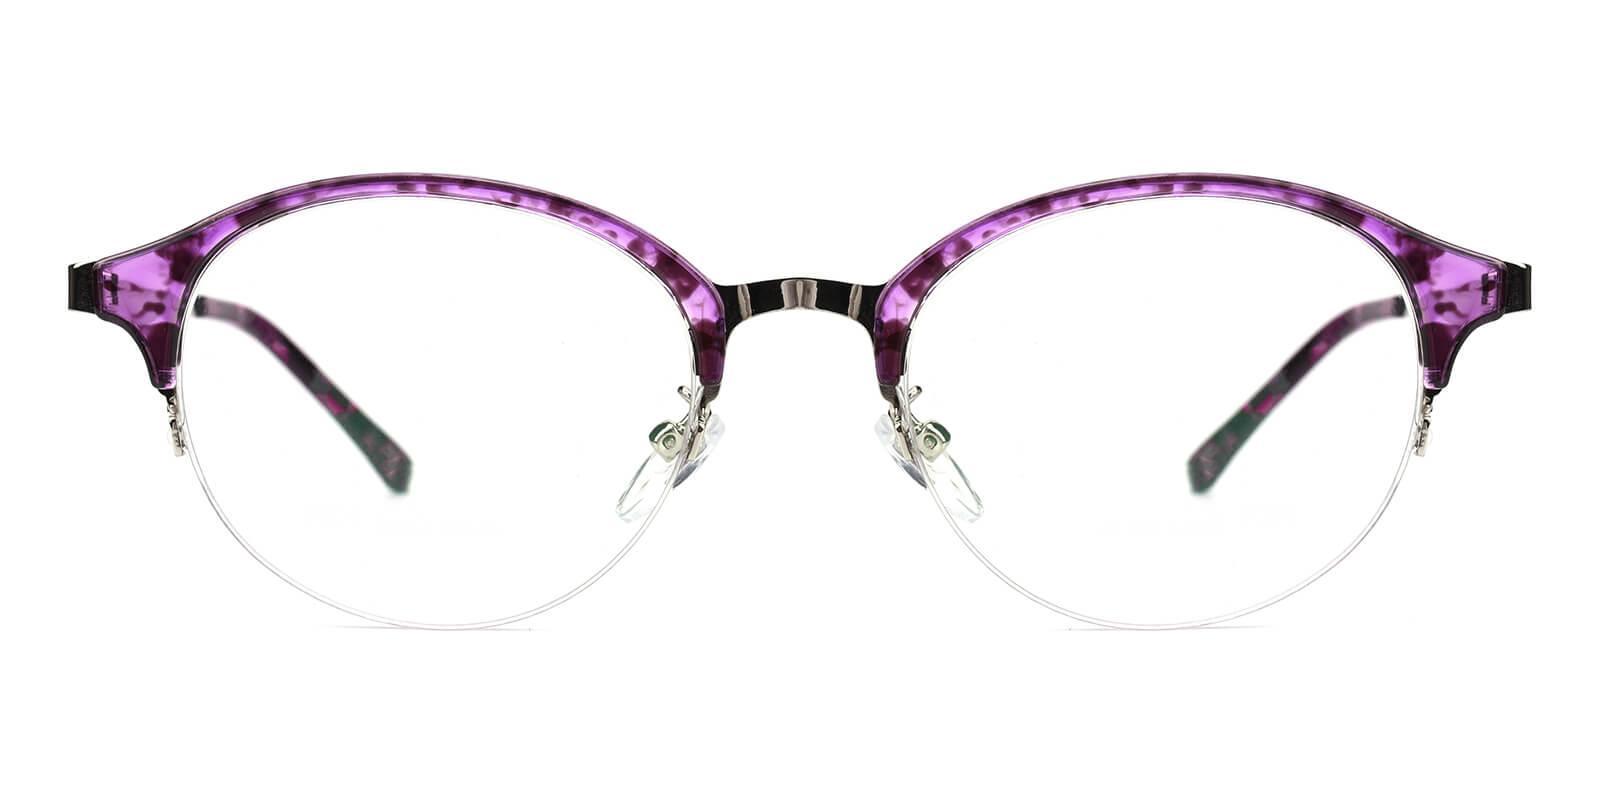 Akaaro-Purple-Oval-Metal-Eyeglasses-detail